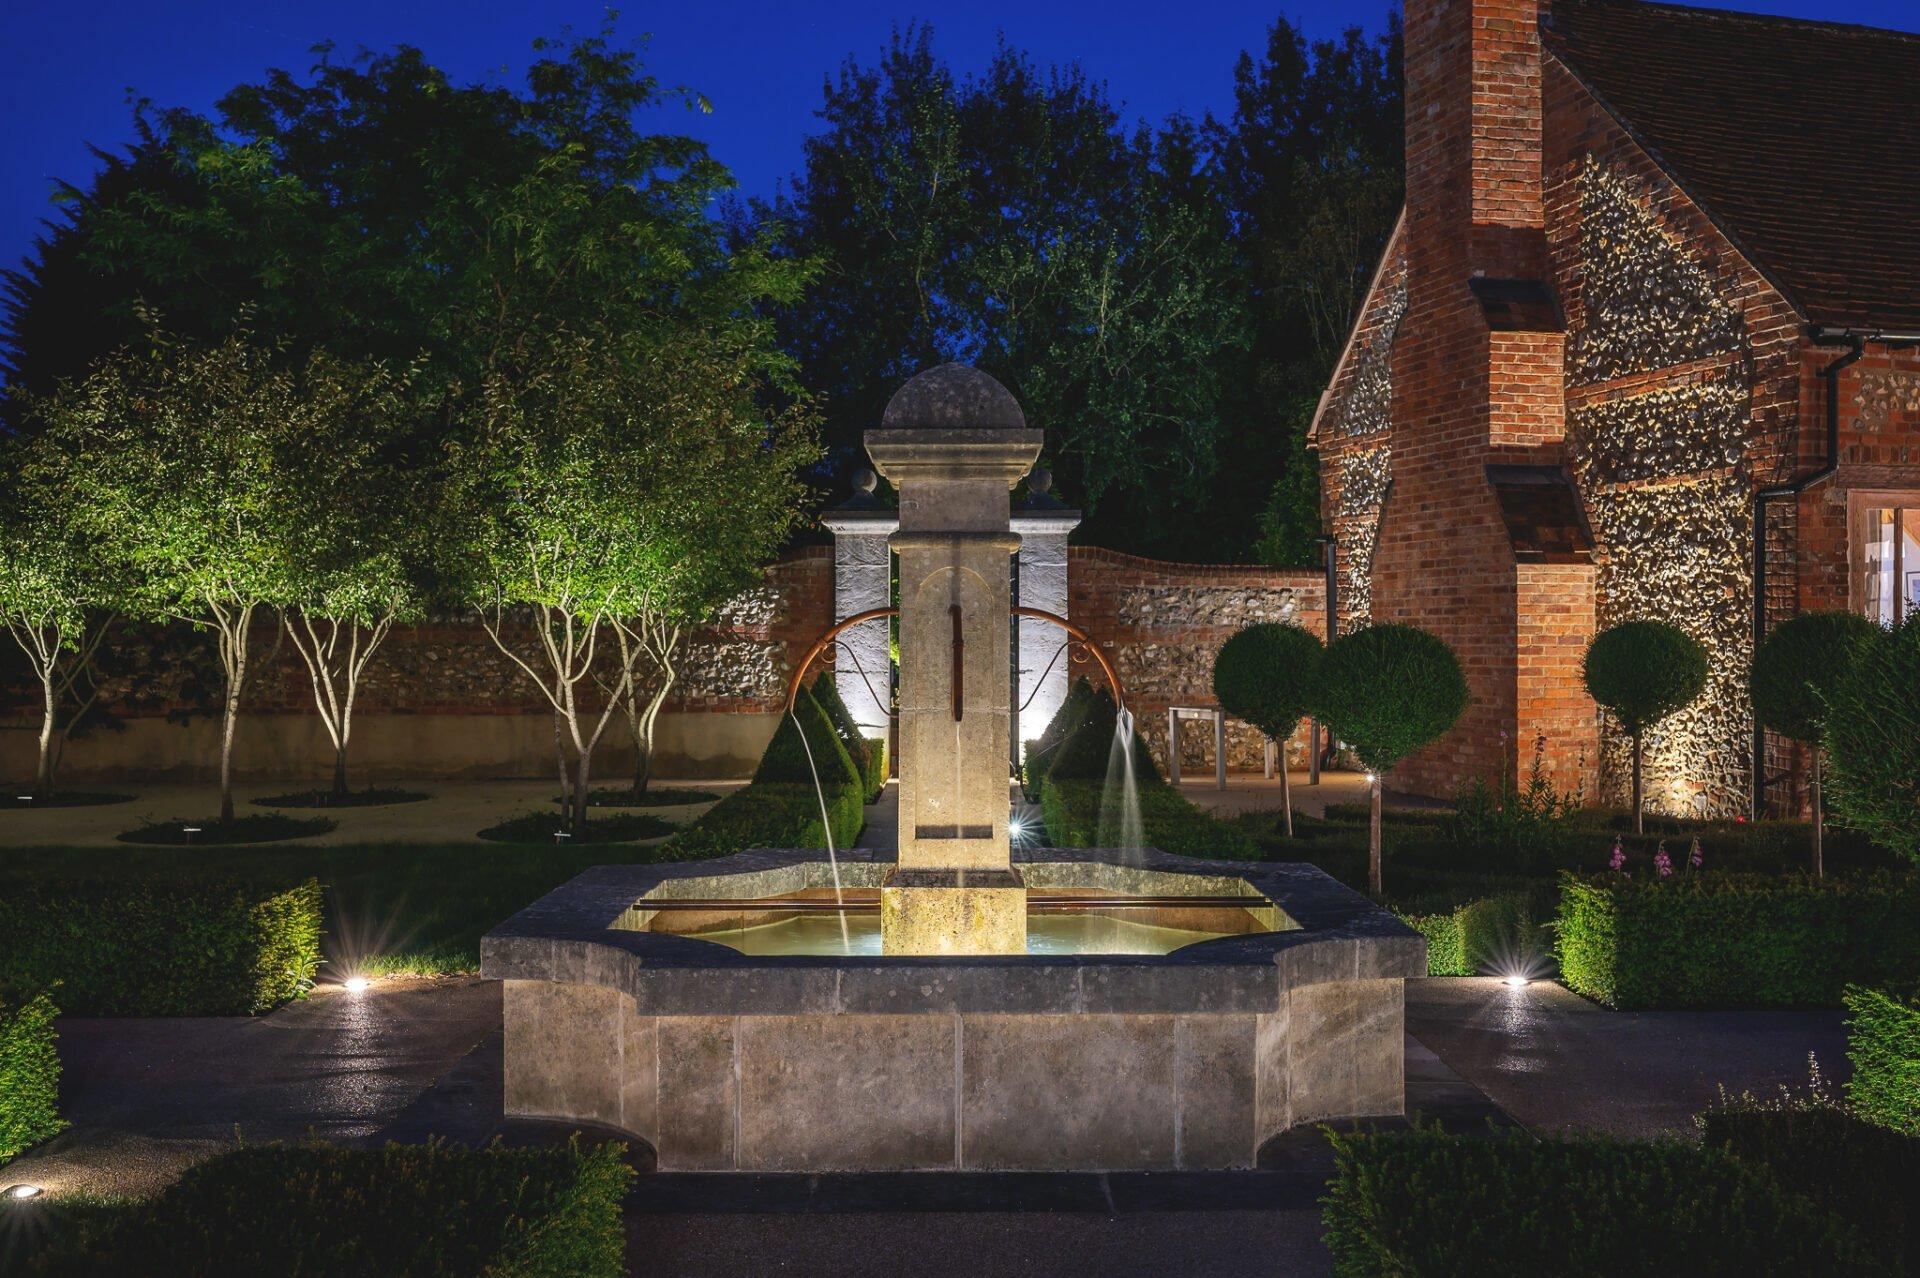 Fabulous walled garden with fountsin in French style by Jo Alderson Phillips